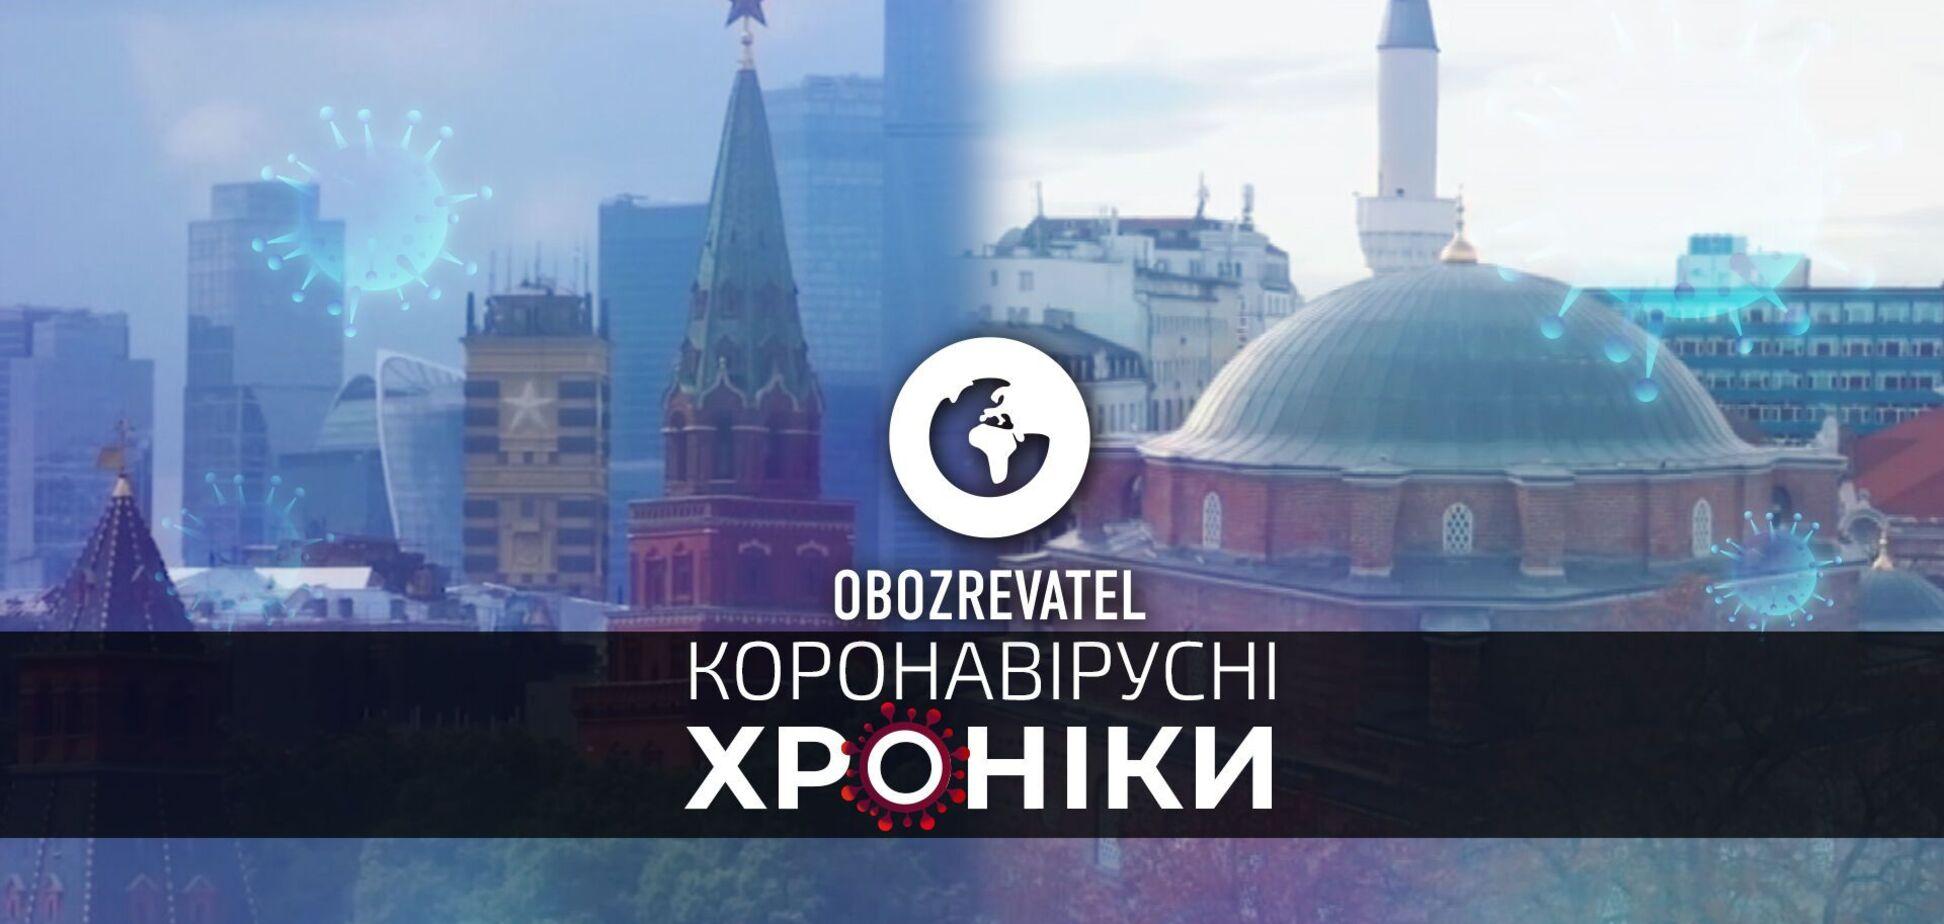 Звинувачення Болсонару за не боротьбу з коронавірусом та нові ковідні правила у Болгарії – коронавірусні хроніки